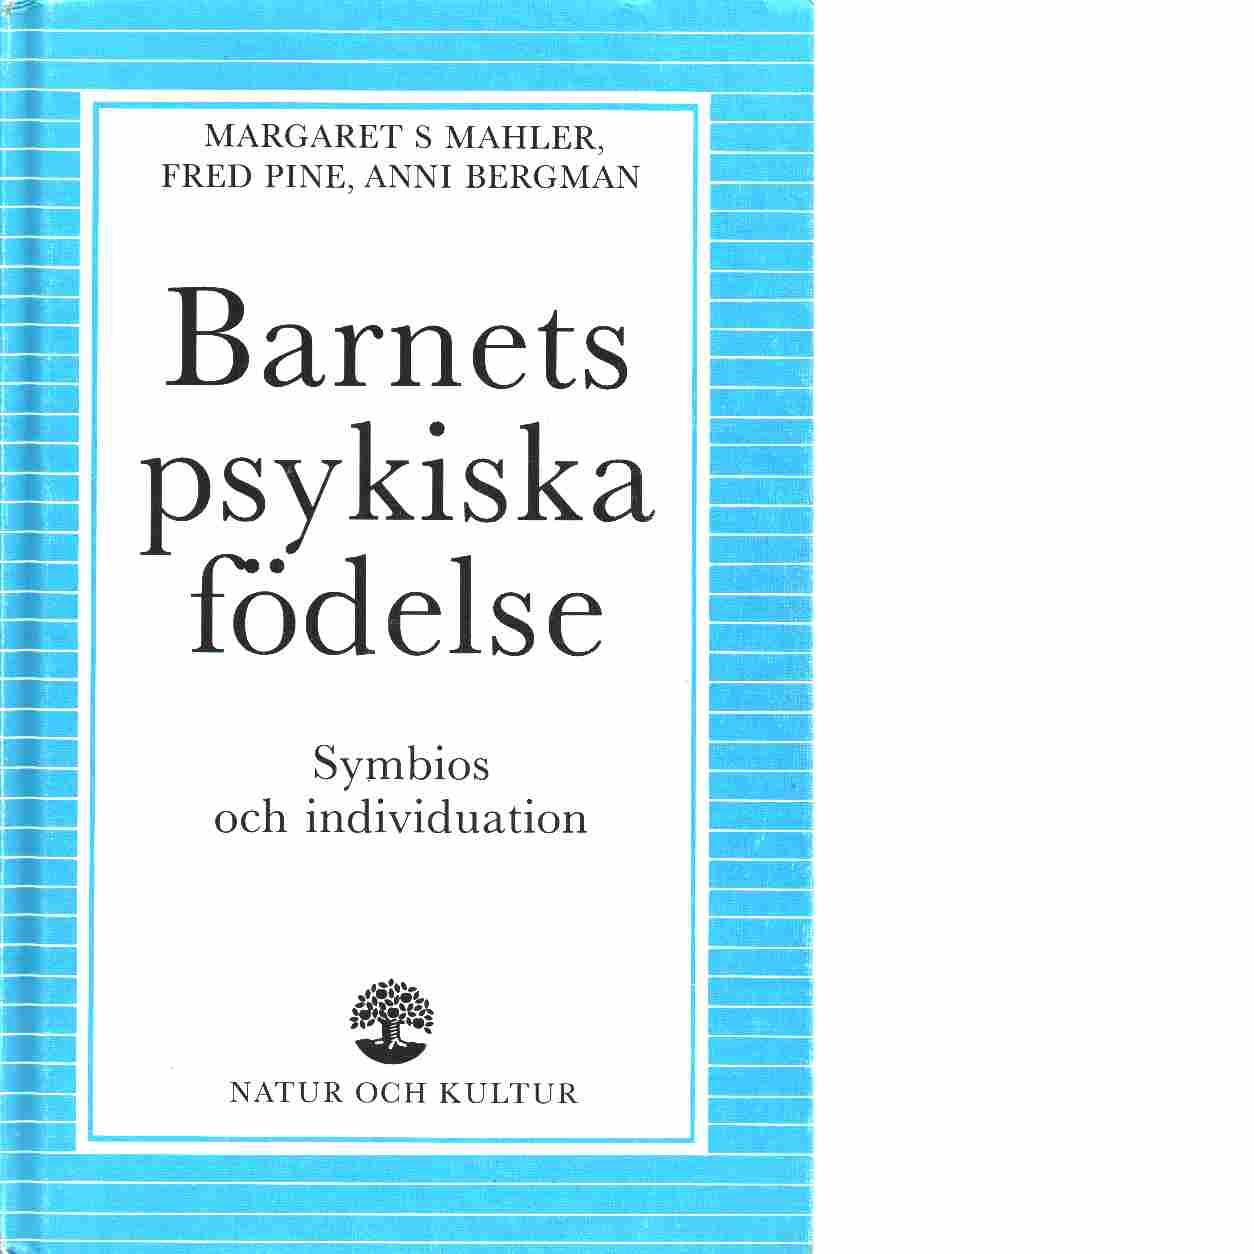 Barnets psykiska födelse : symbios och individuation - Mahler, Margaret S. och Pine, Fred  samt  Bergman, Anni